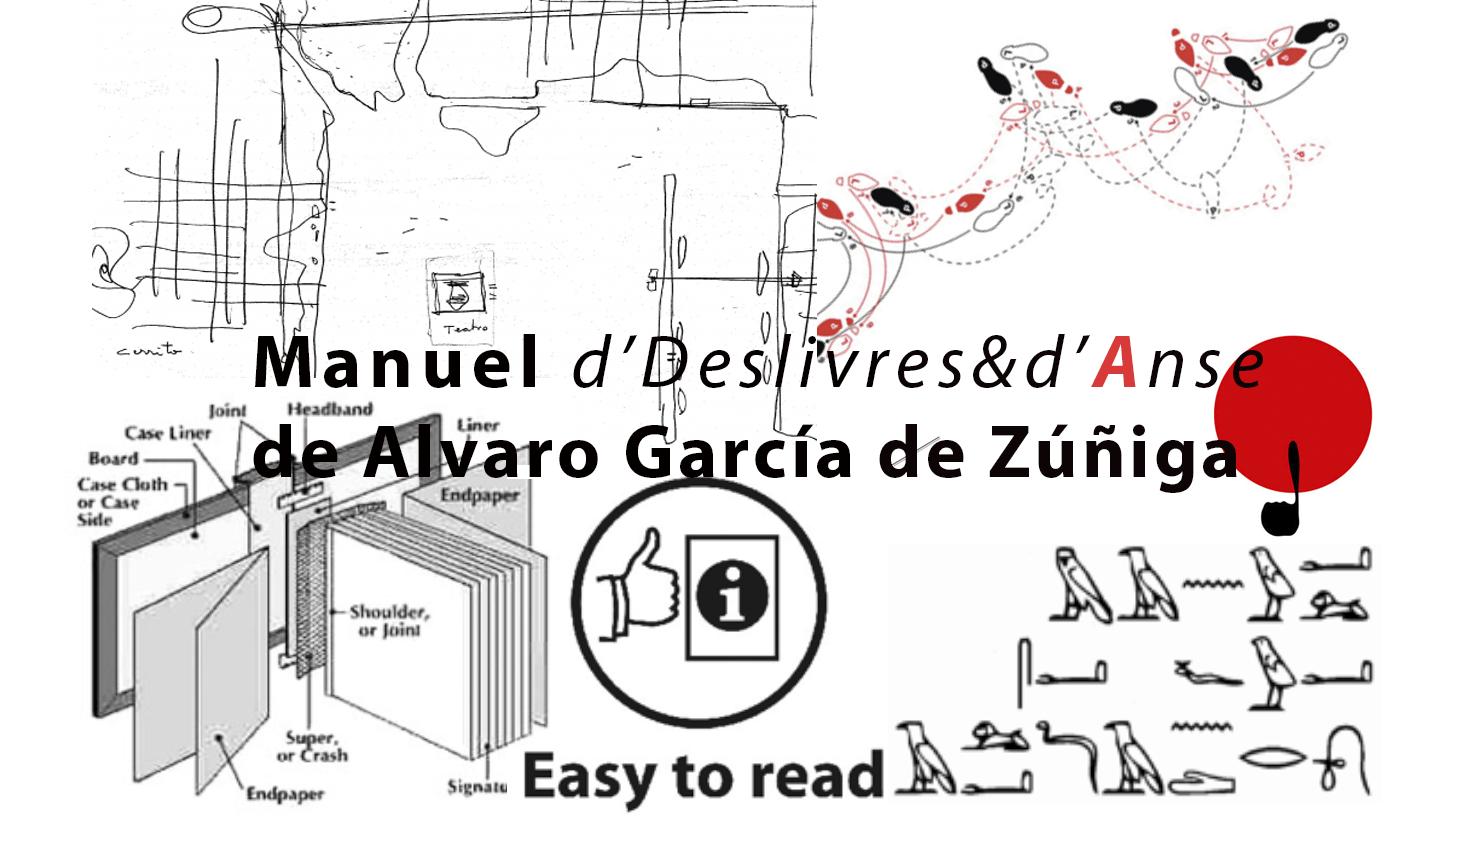 0. Manuel d'Deslivres&d'Anse de 23 de Abril, de Cervantes, de Shakespeare, dos Livros… e de Alvaro García de Zúñiga